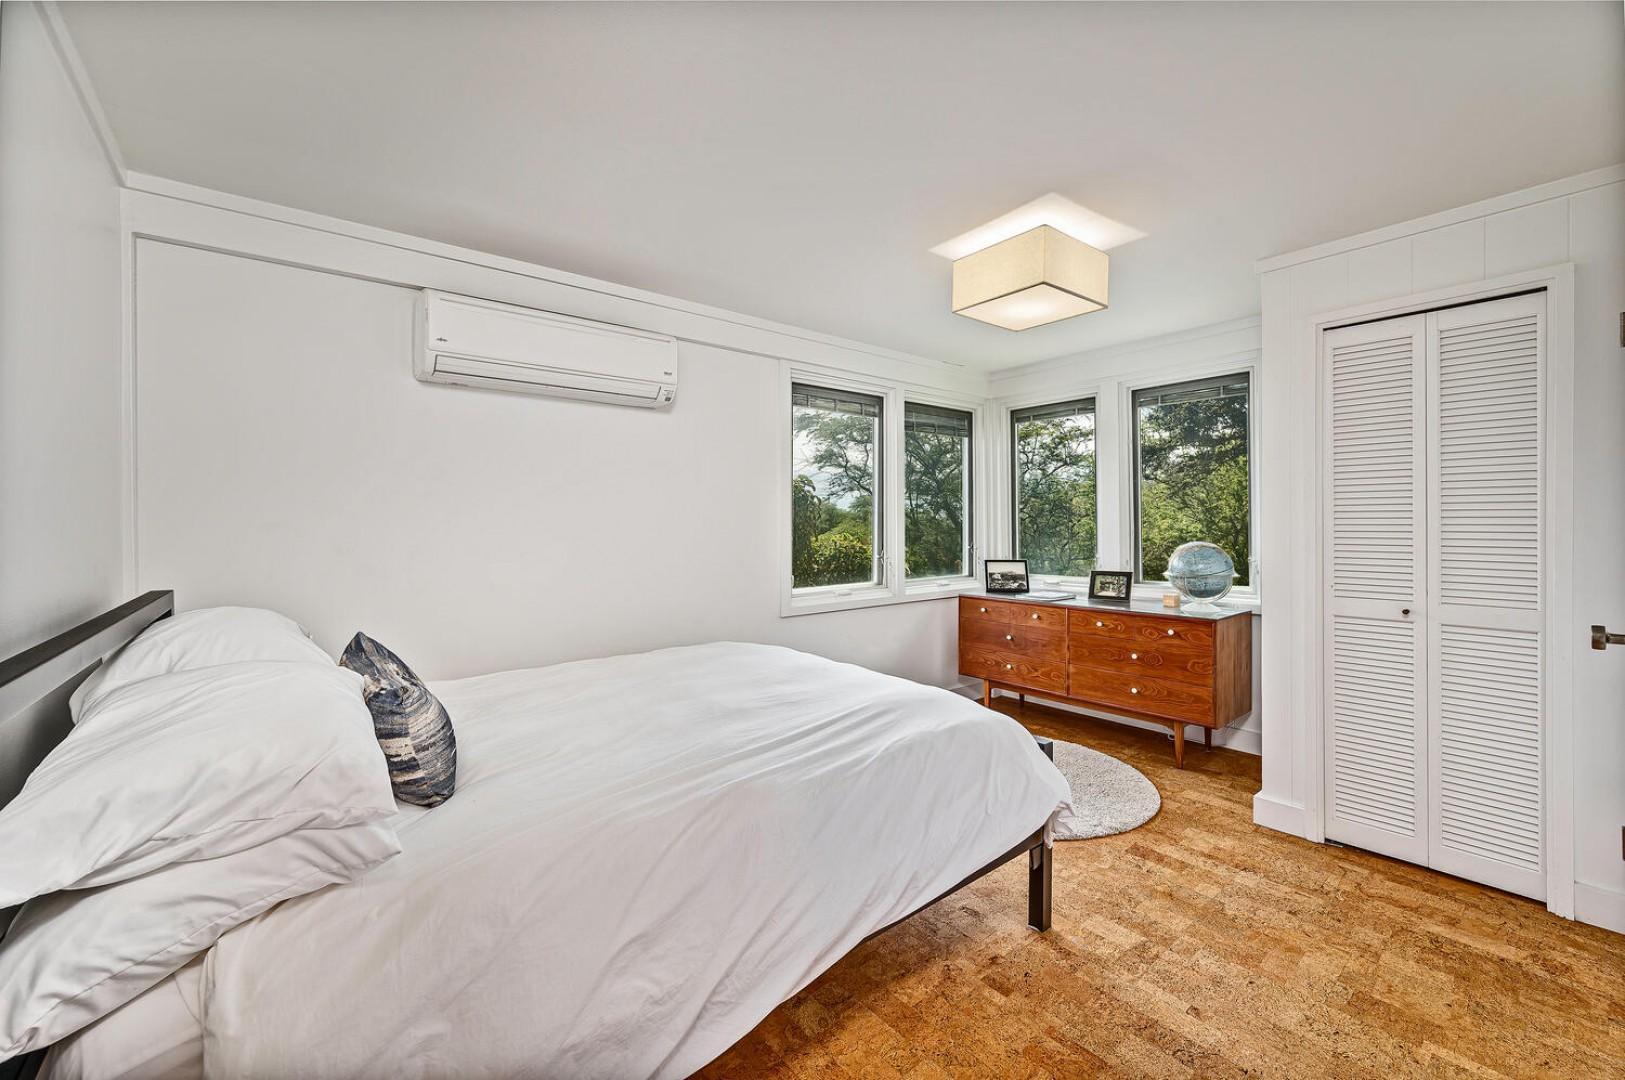 Jack and Jill bedrooms-Queen bed